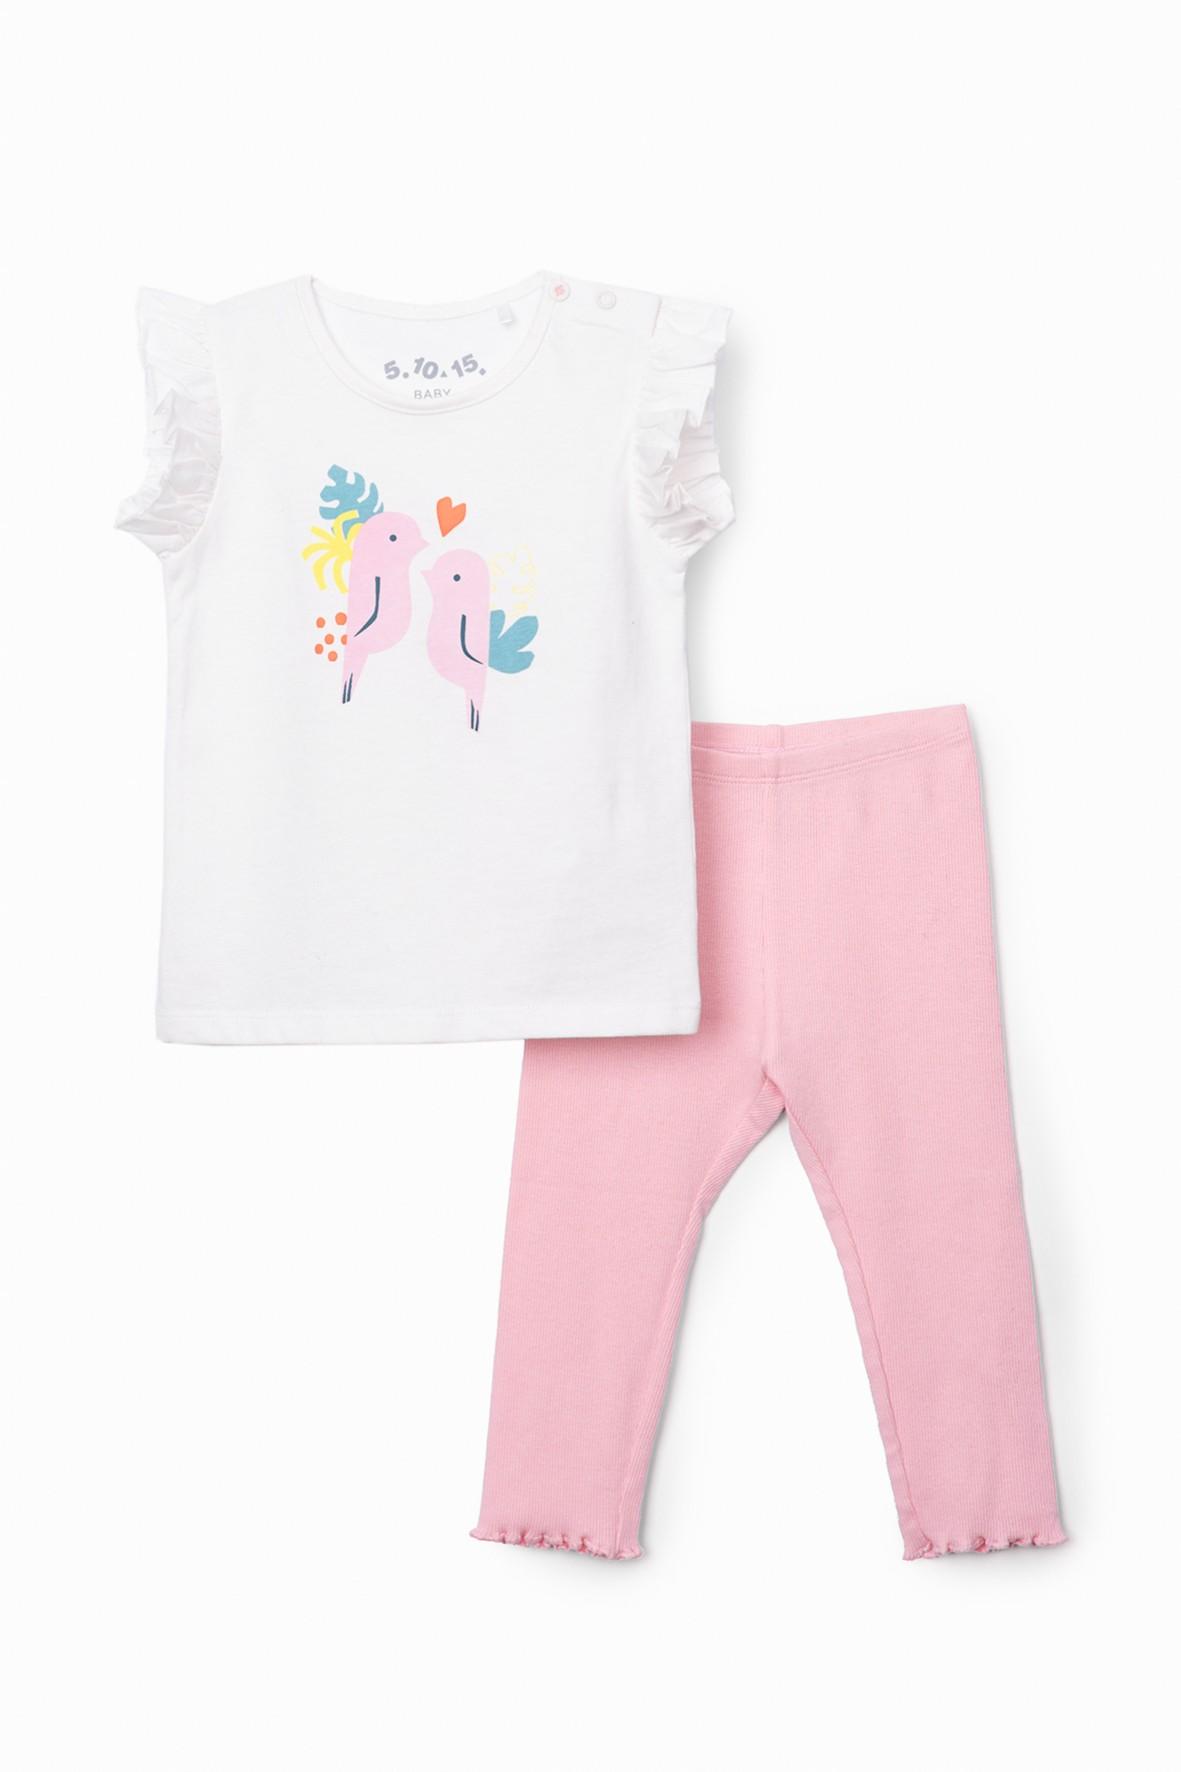 Komplet dziewczęcy -  różowa tunika  z wzorkami  - legginsy ze wstążeczką różowa